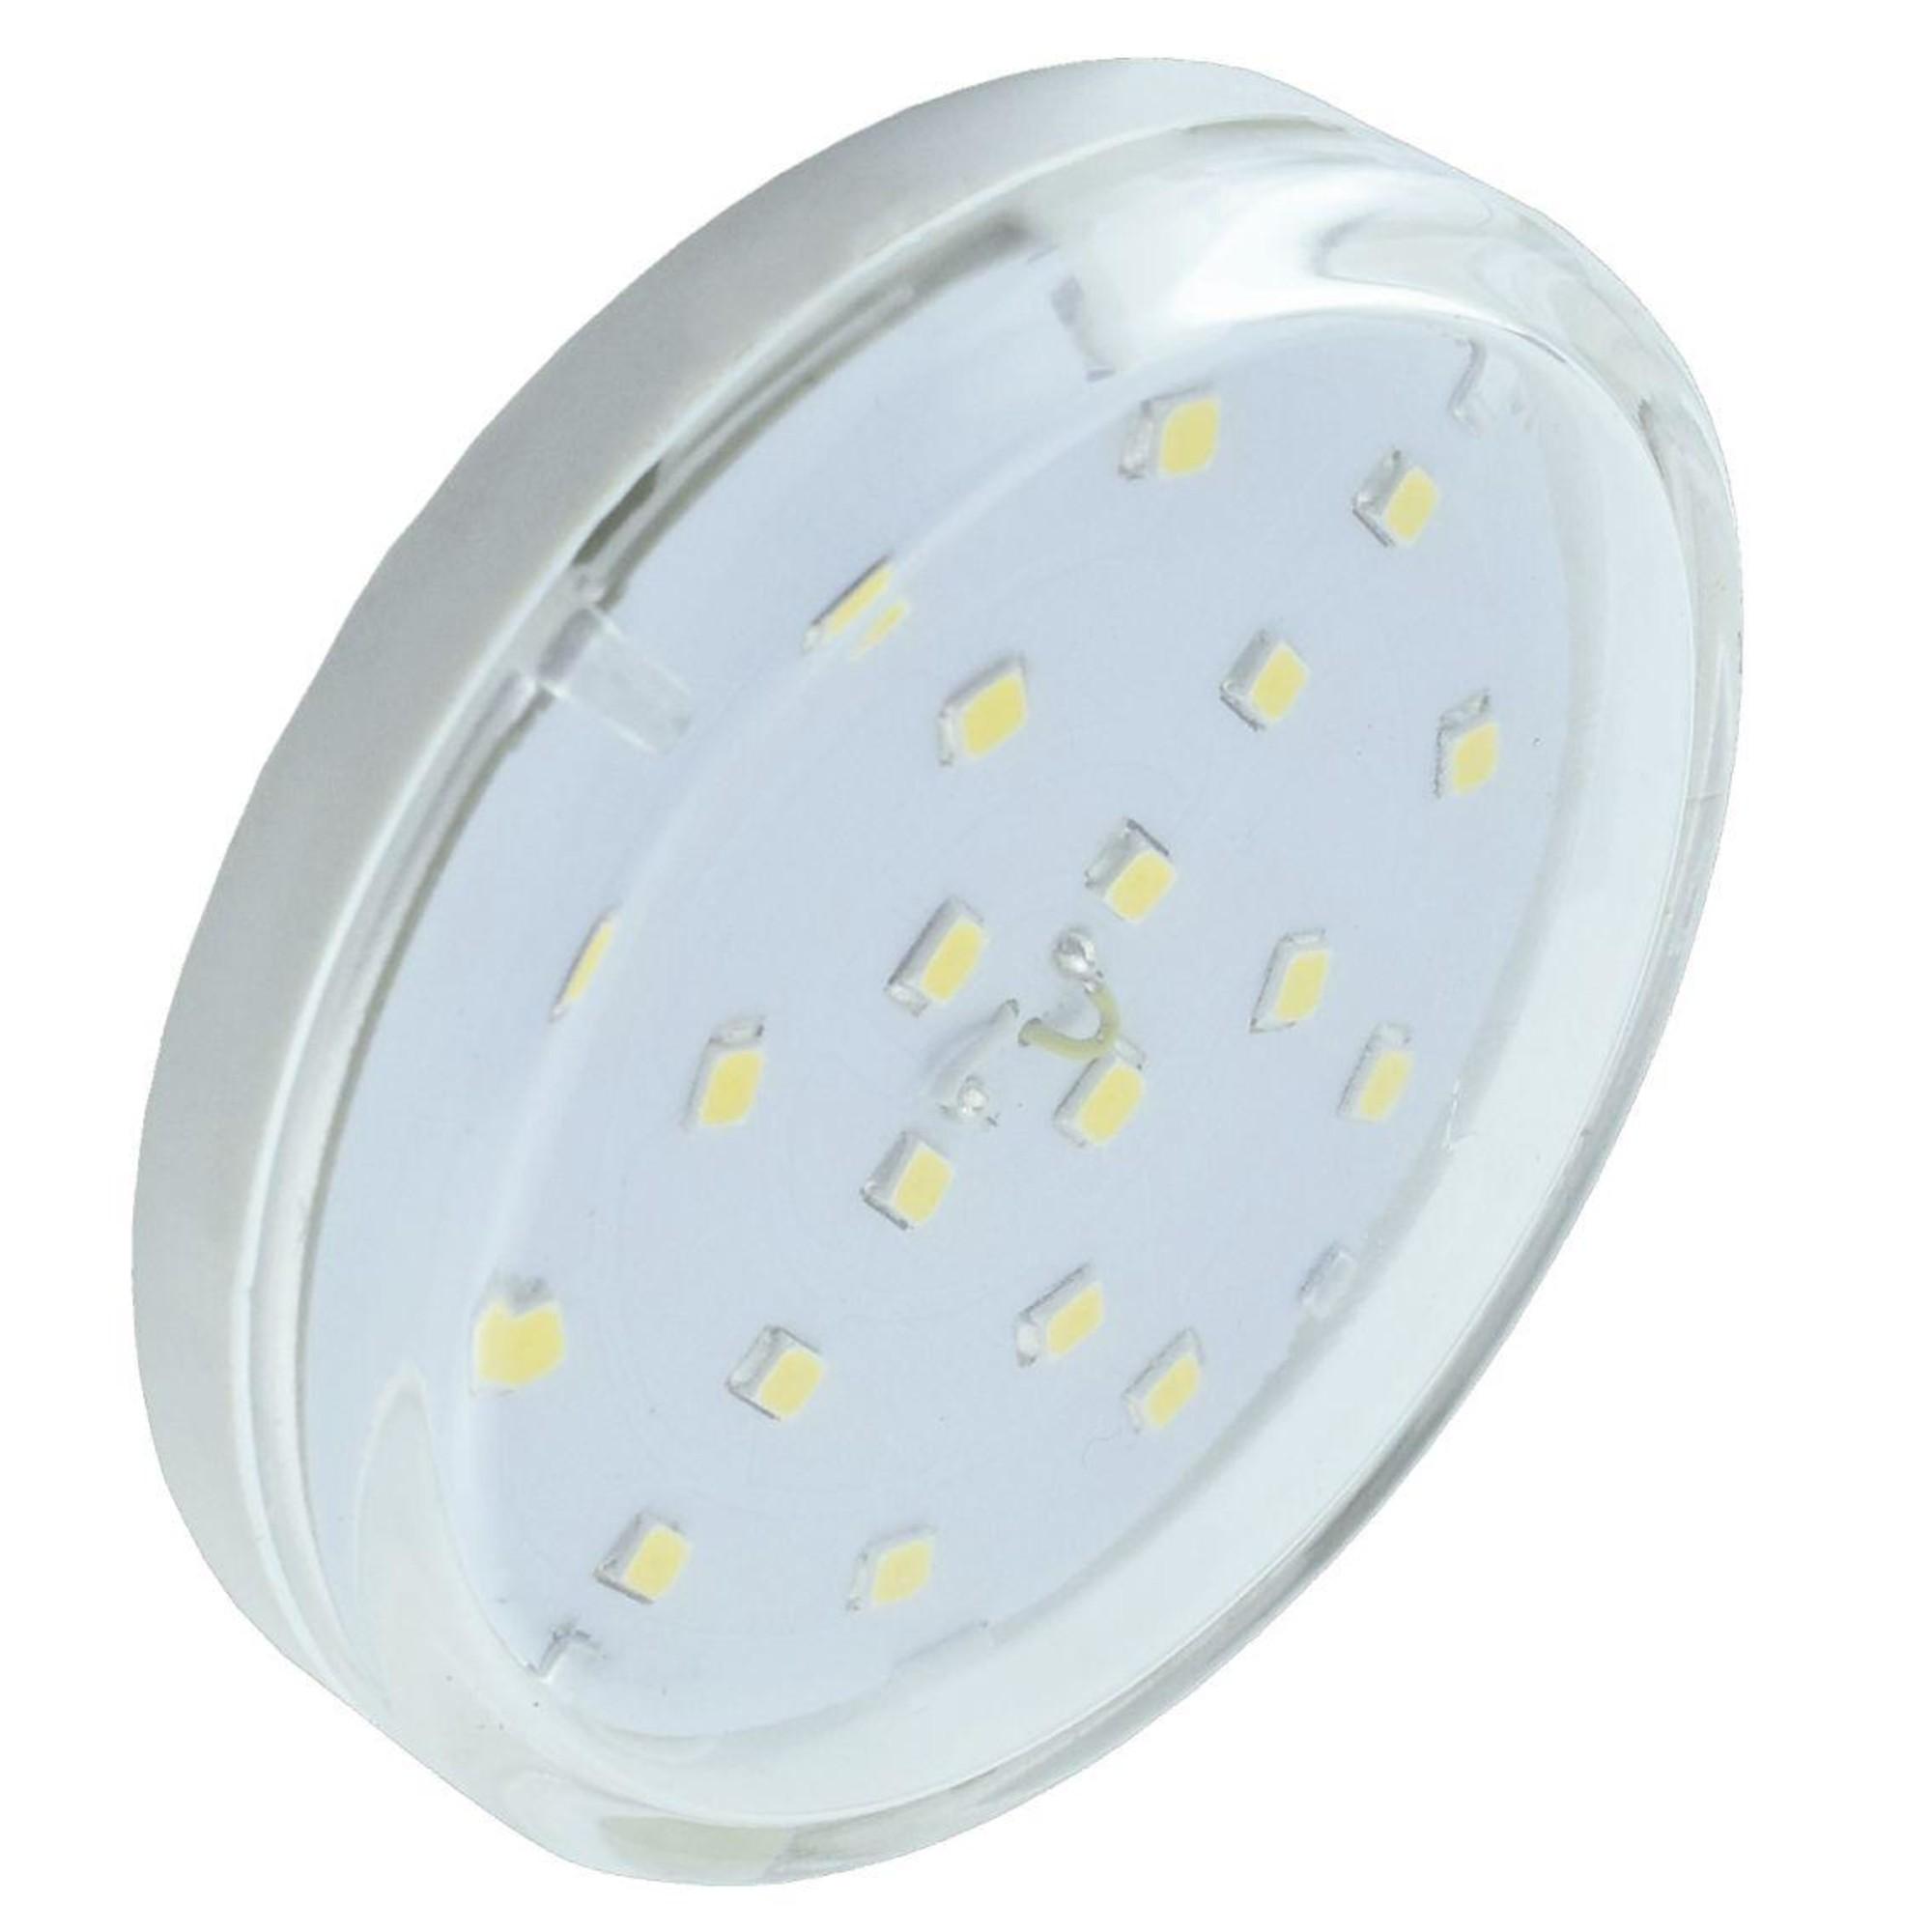 Лампа Ecola light светодионая GX53 4.20 Вт таблетка 290 Лм нейтральный свет